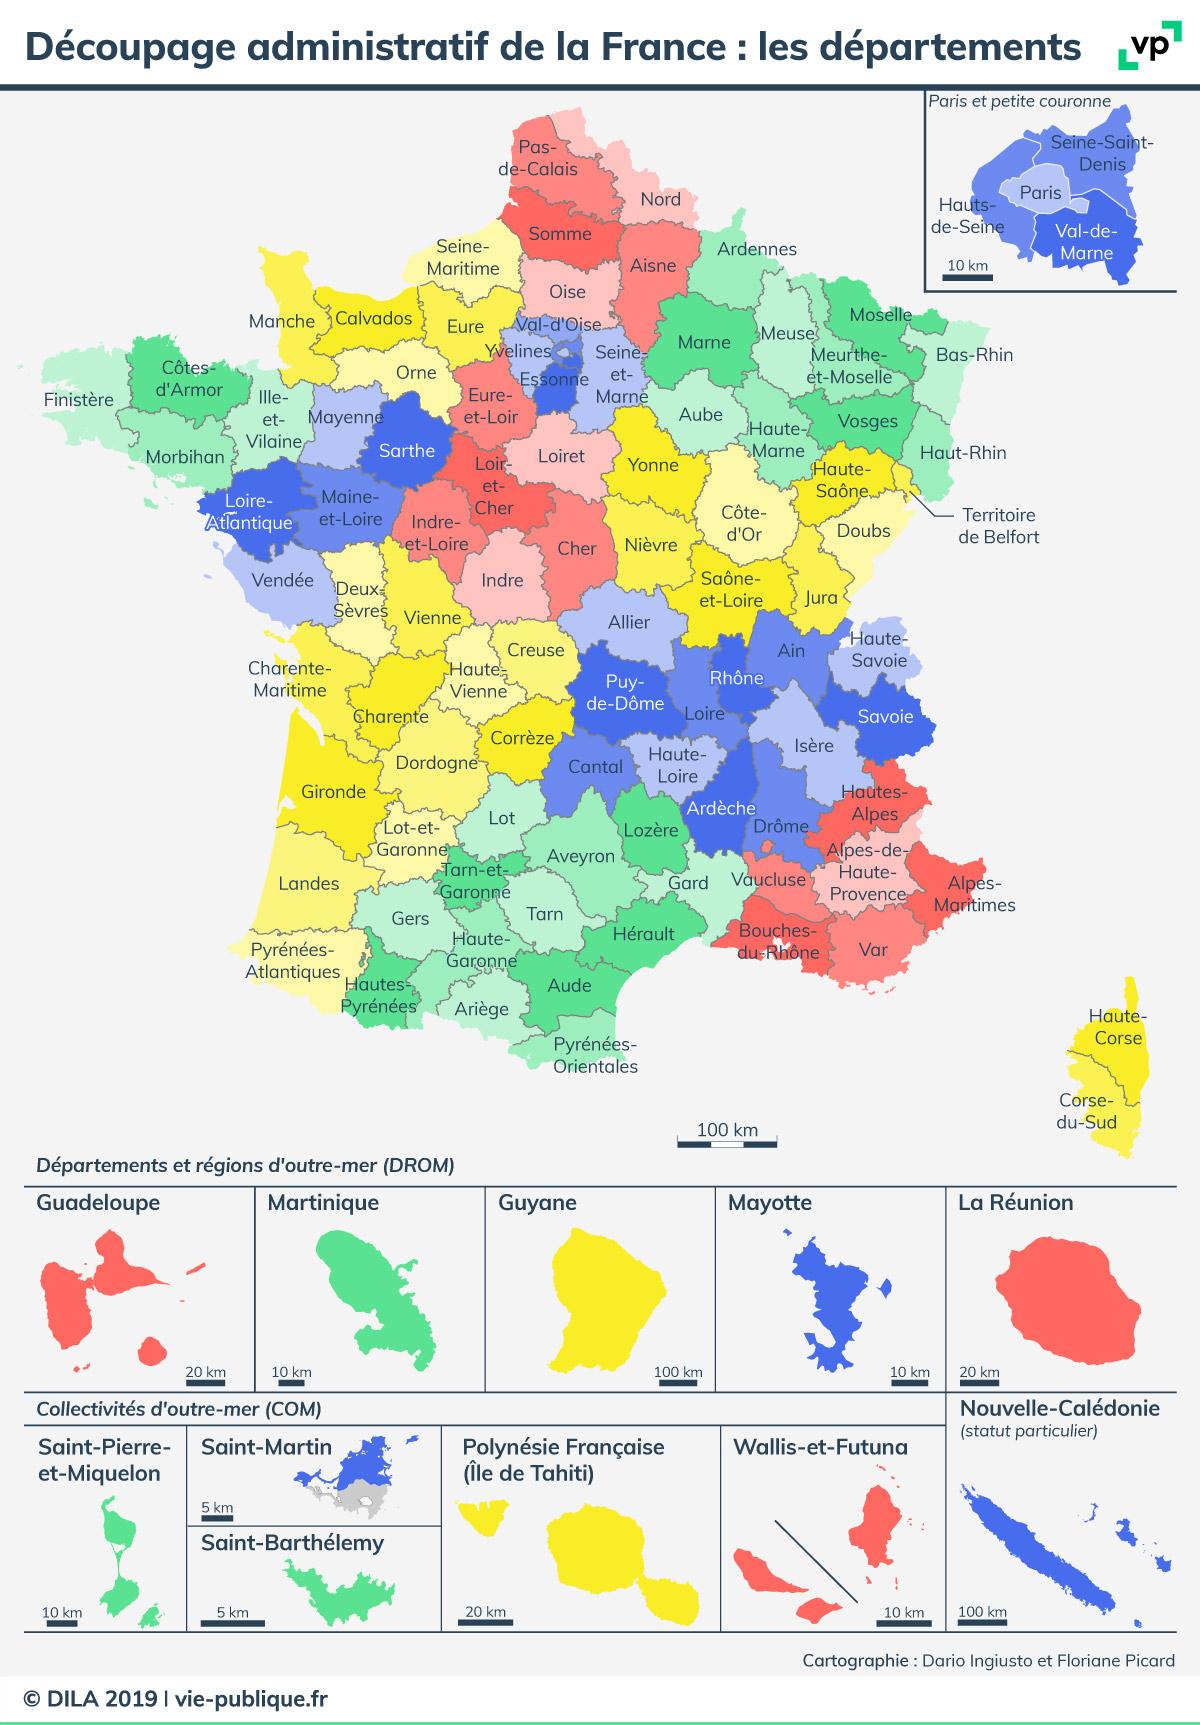 Découpage Administratif De La France : Les Départements intérieur Départements Et Régions De France